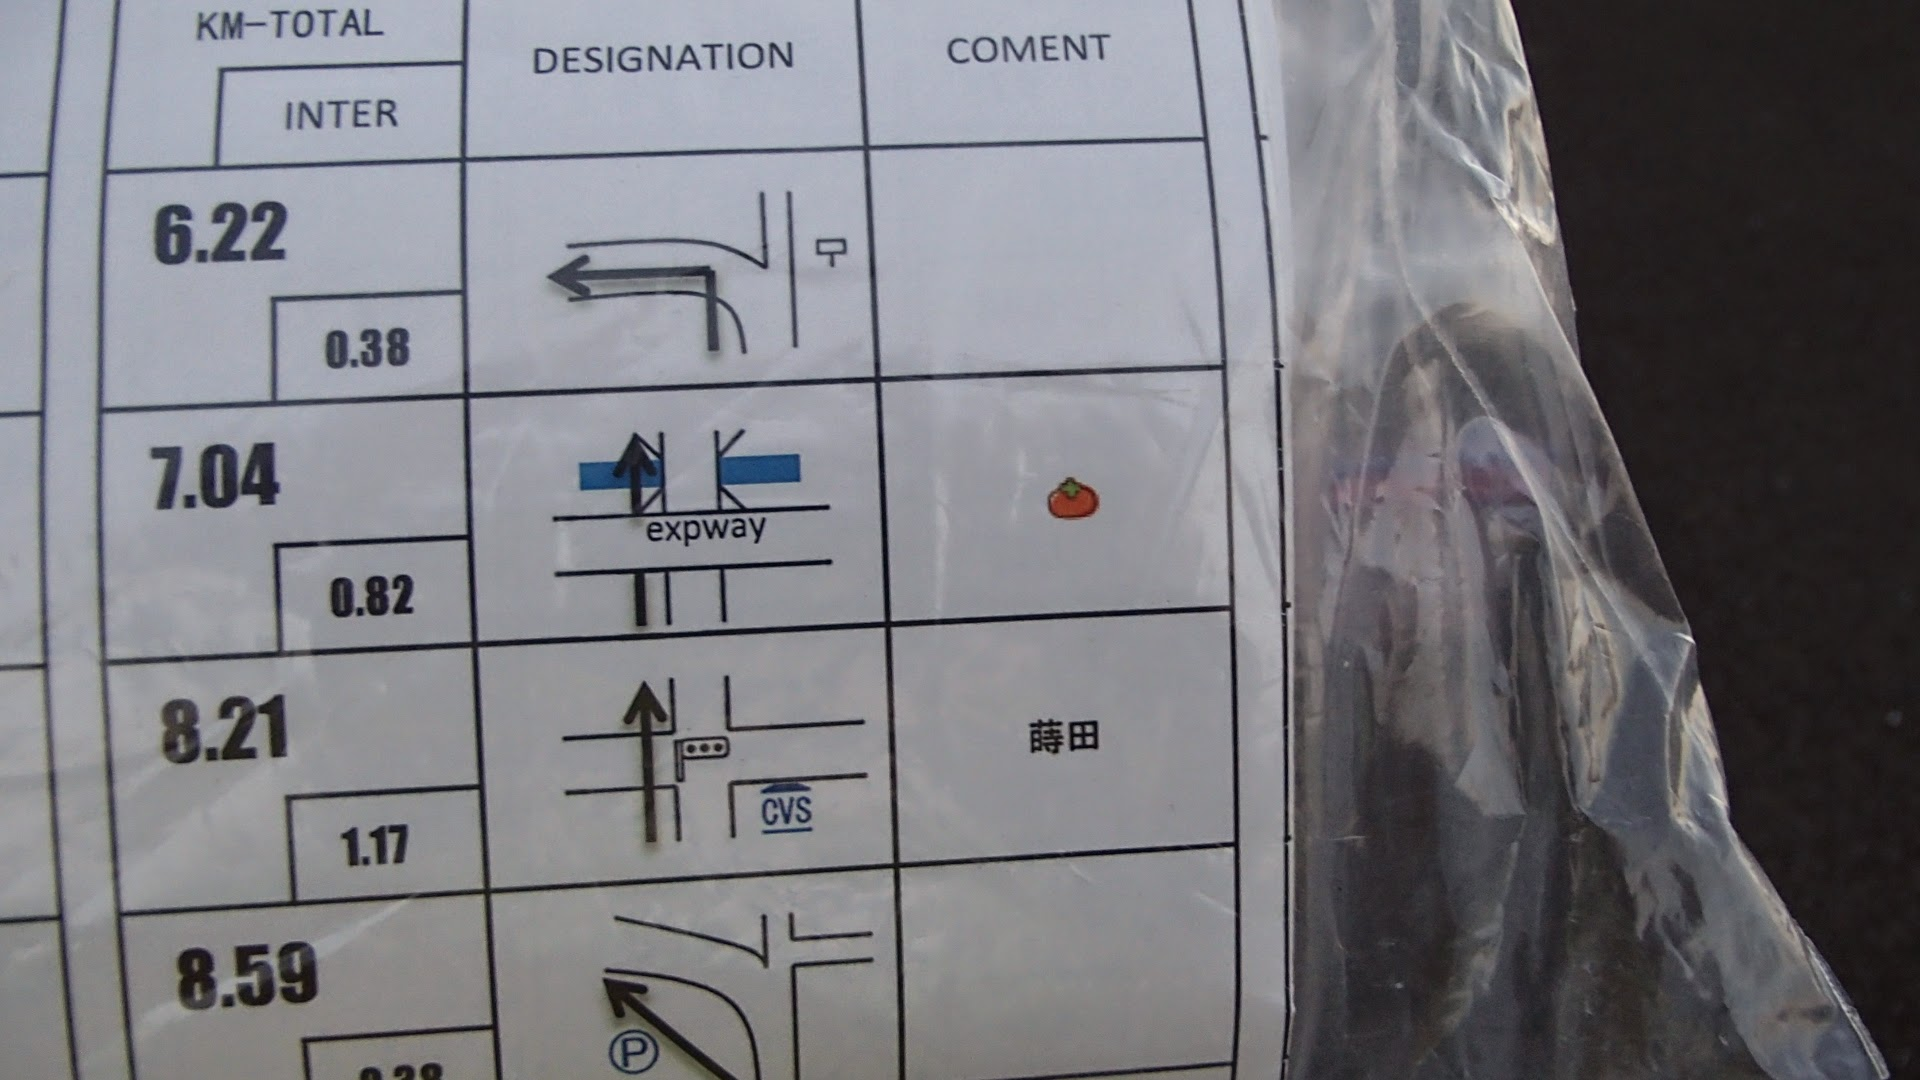 東海道五十三次ウルトラマラニックルール説明